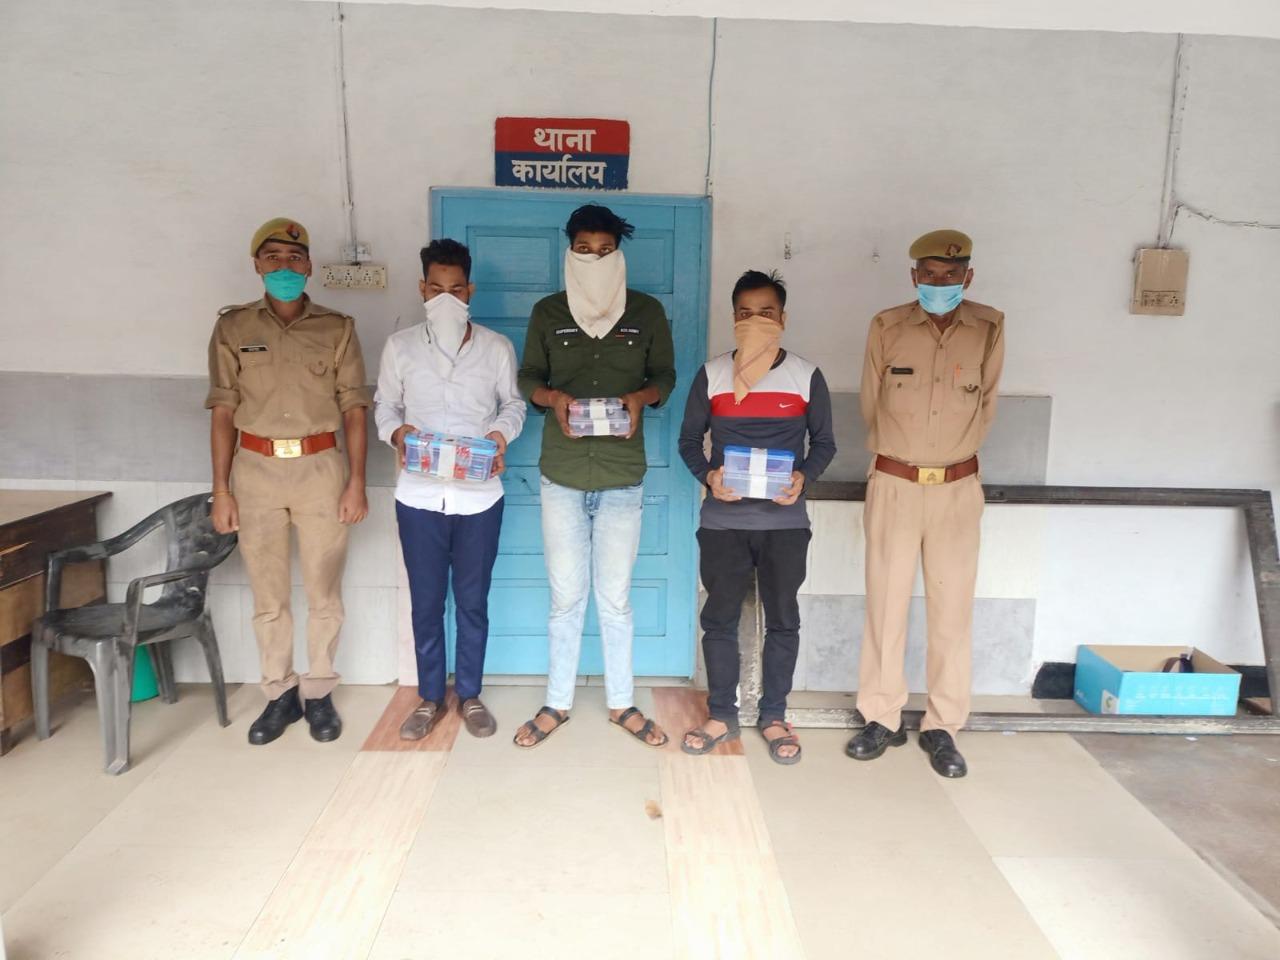 गाजियाबाद पुलिस ने ठगी करने वाले तीन शातिरों को गिरफ्तार किया। - Dainik Bhaskar